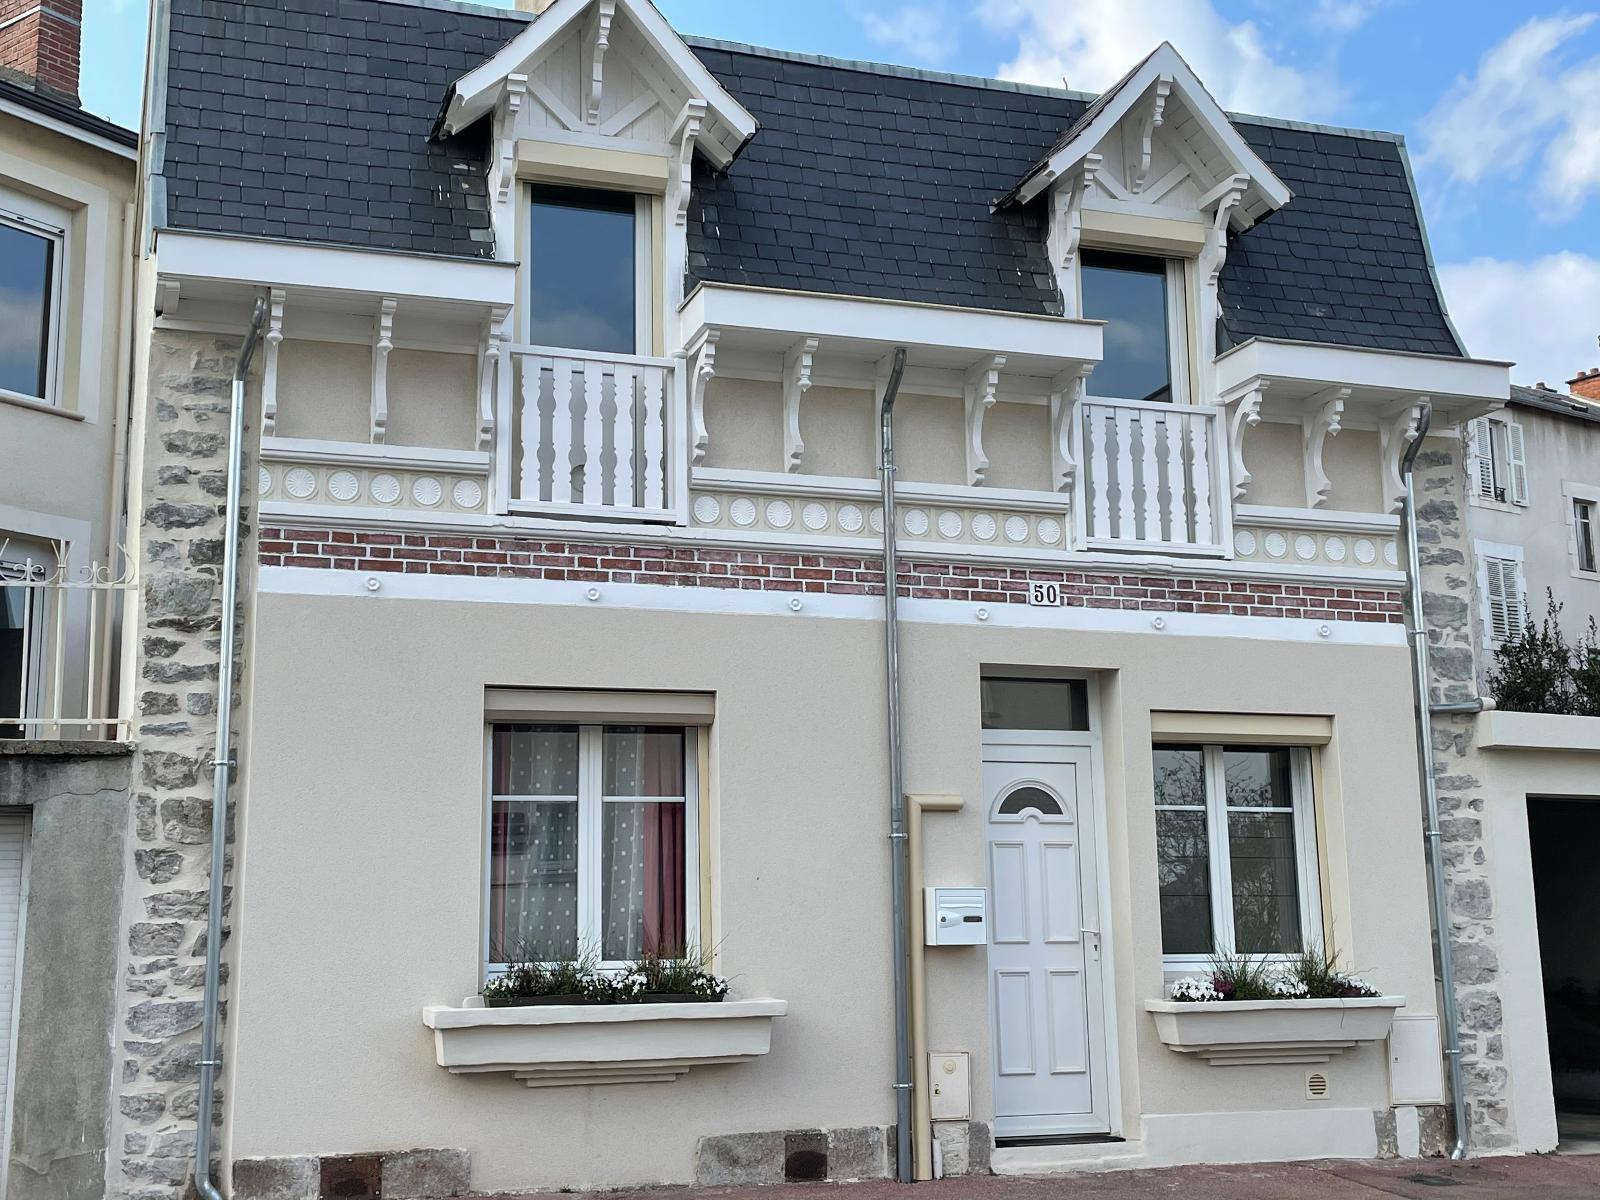 Maison/villa 4 pièces 70 m²